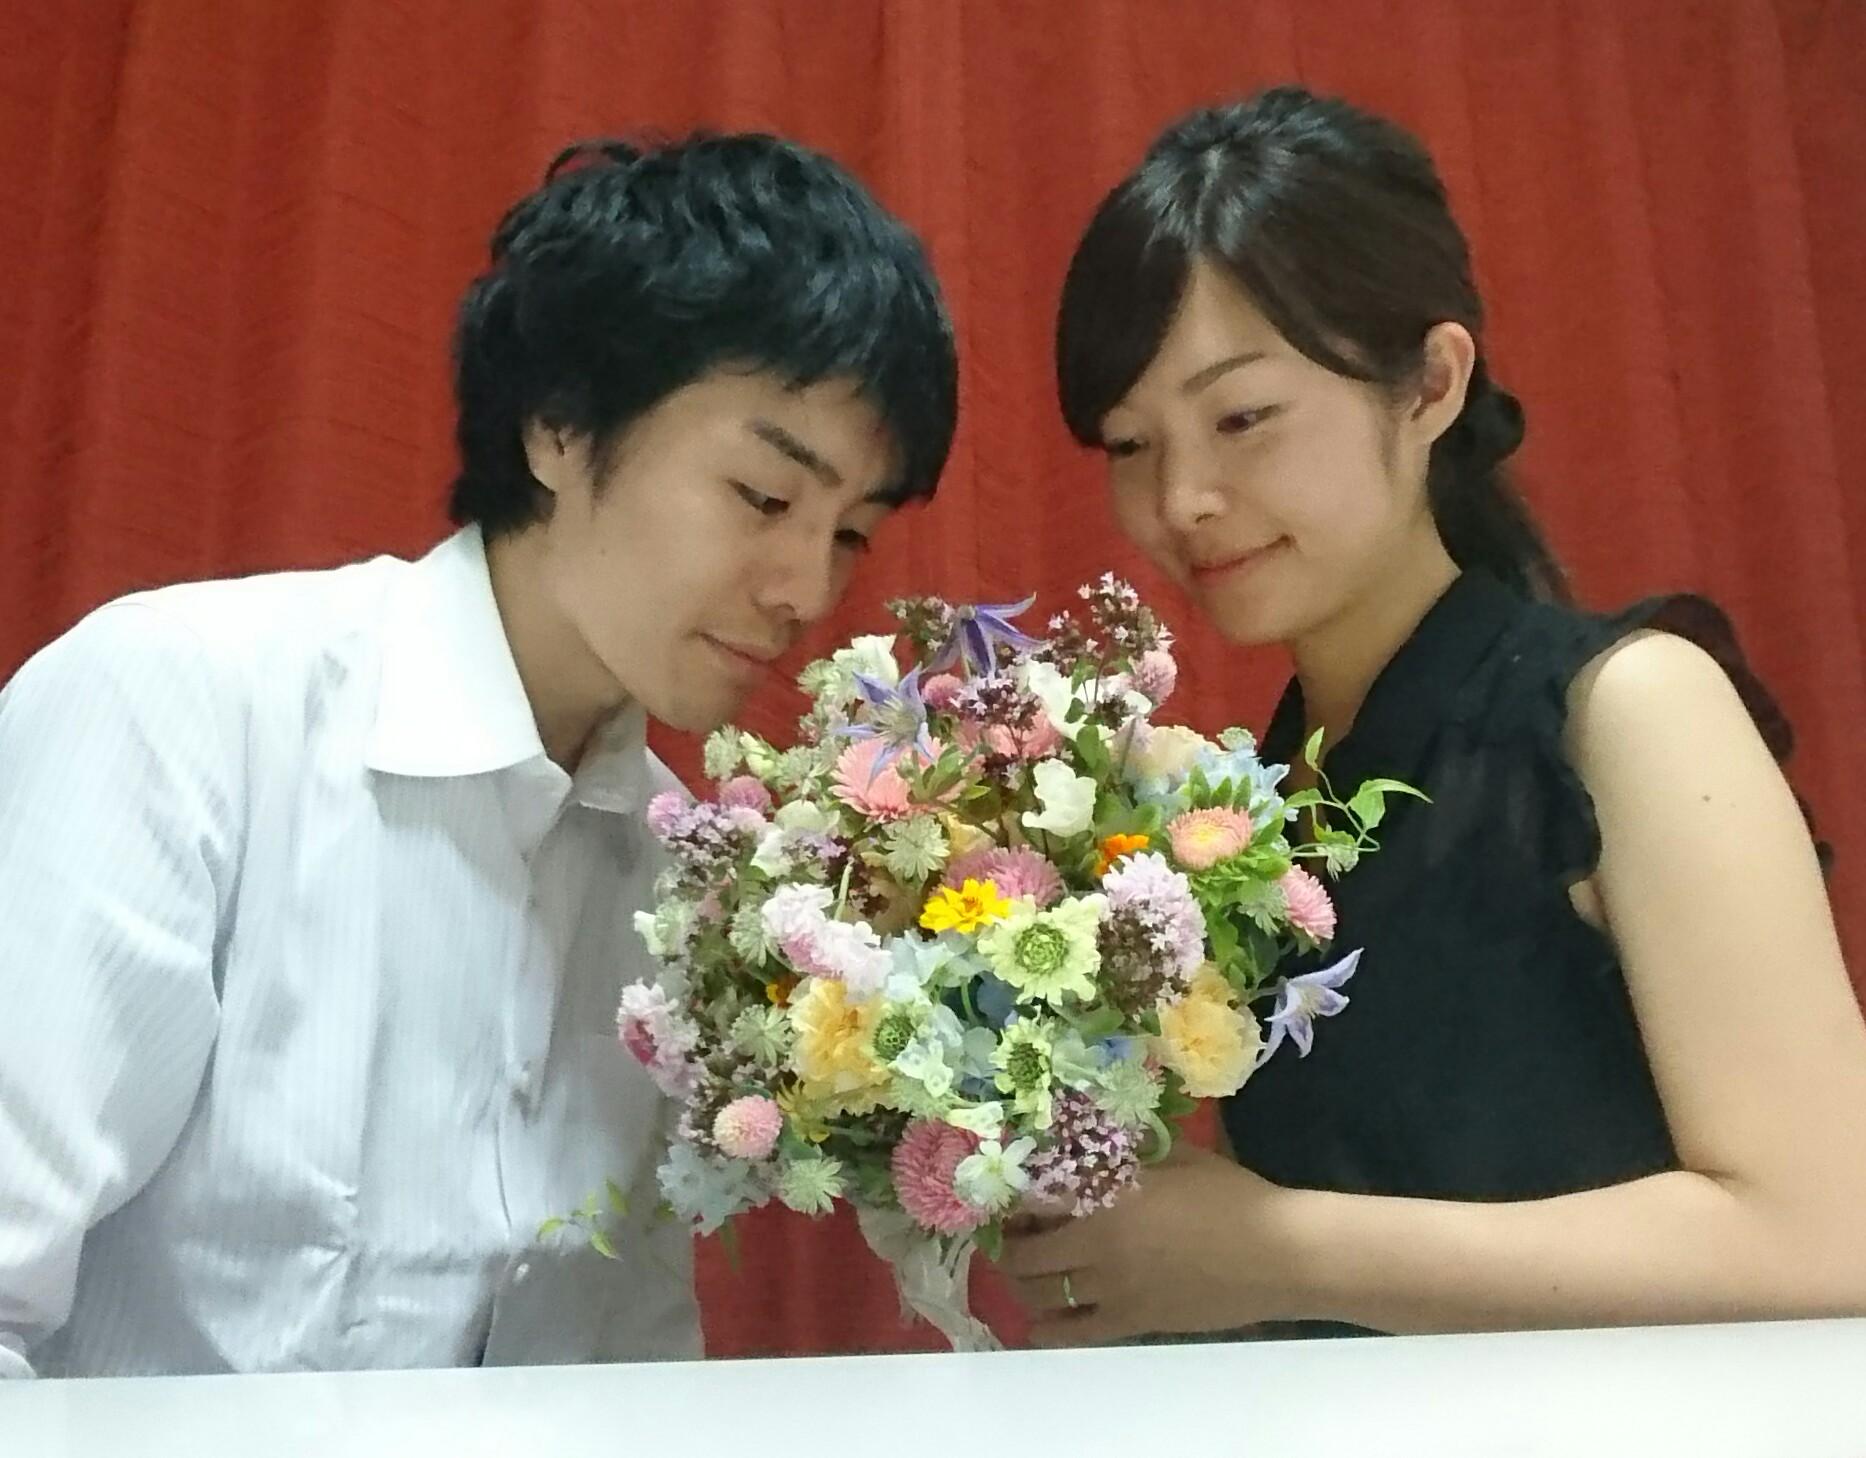 1年目の結婚記念に、奥様へ、花束を ずっと未来に残る、結婚式の花を_a0042928_17301636.jpg